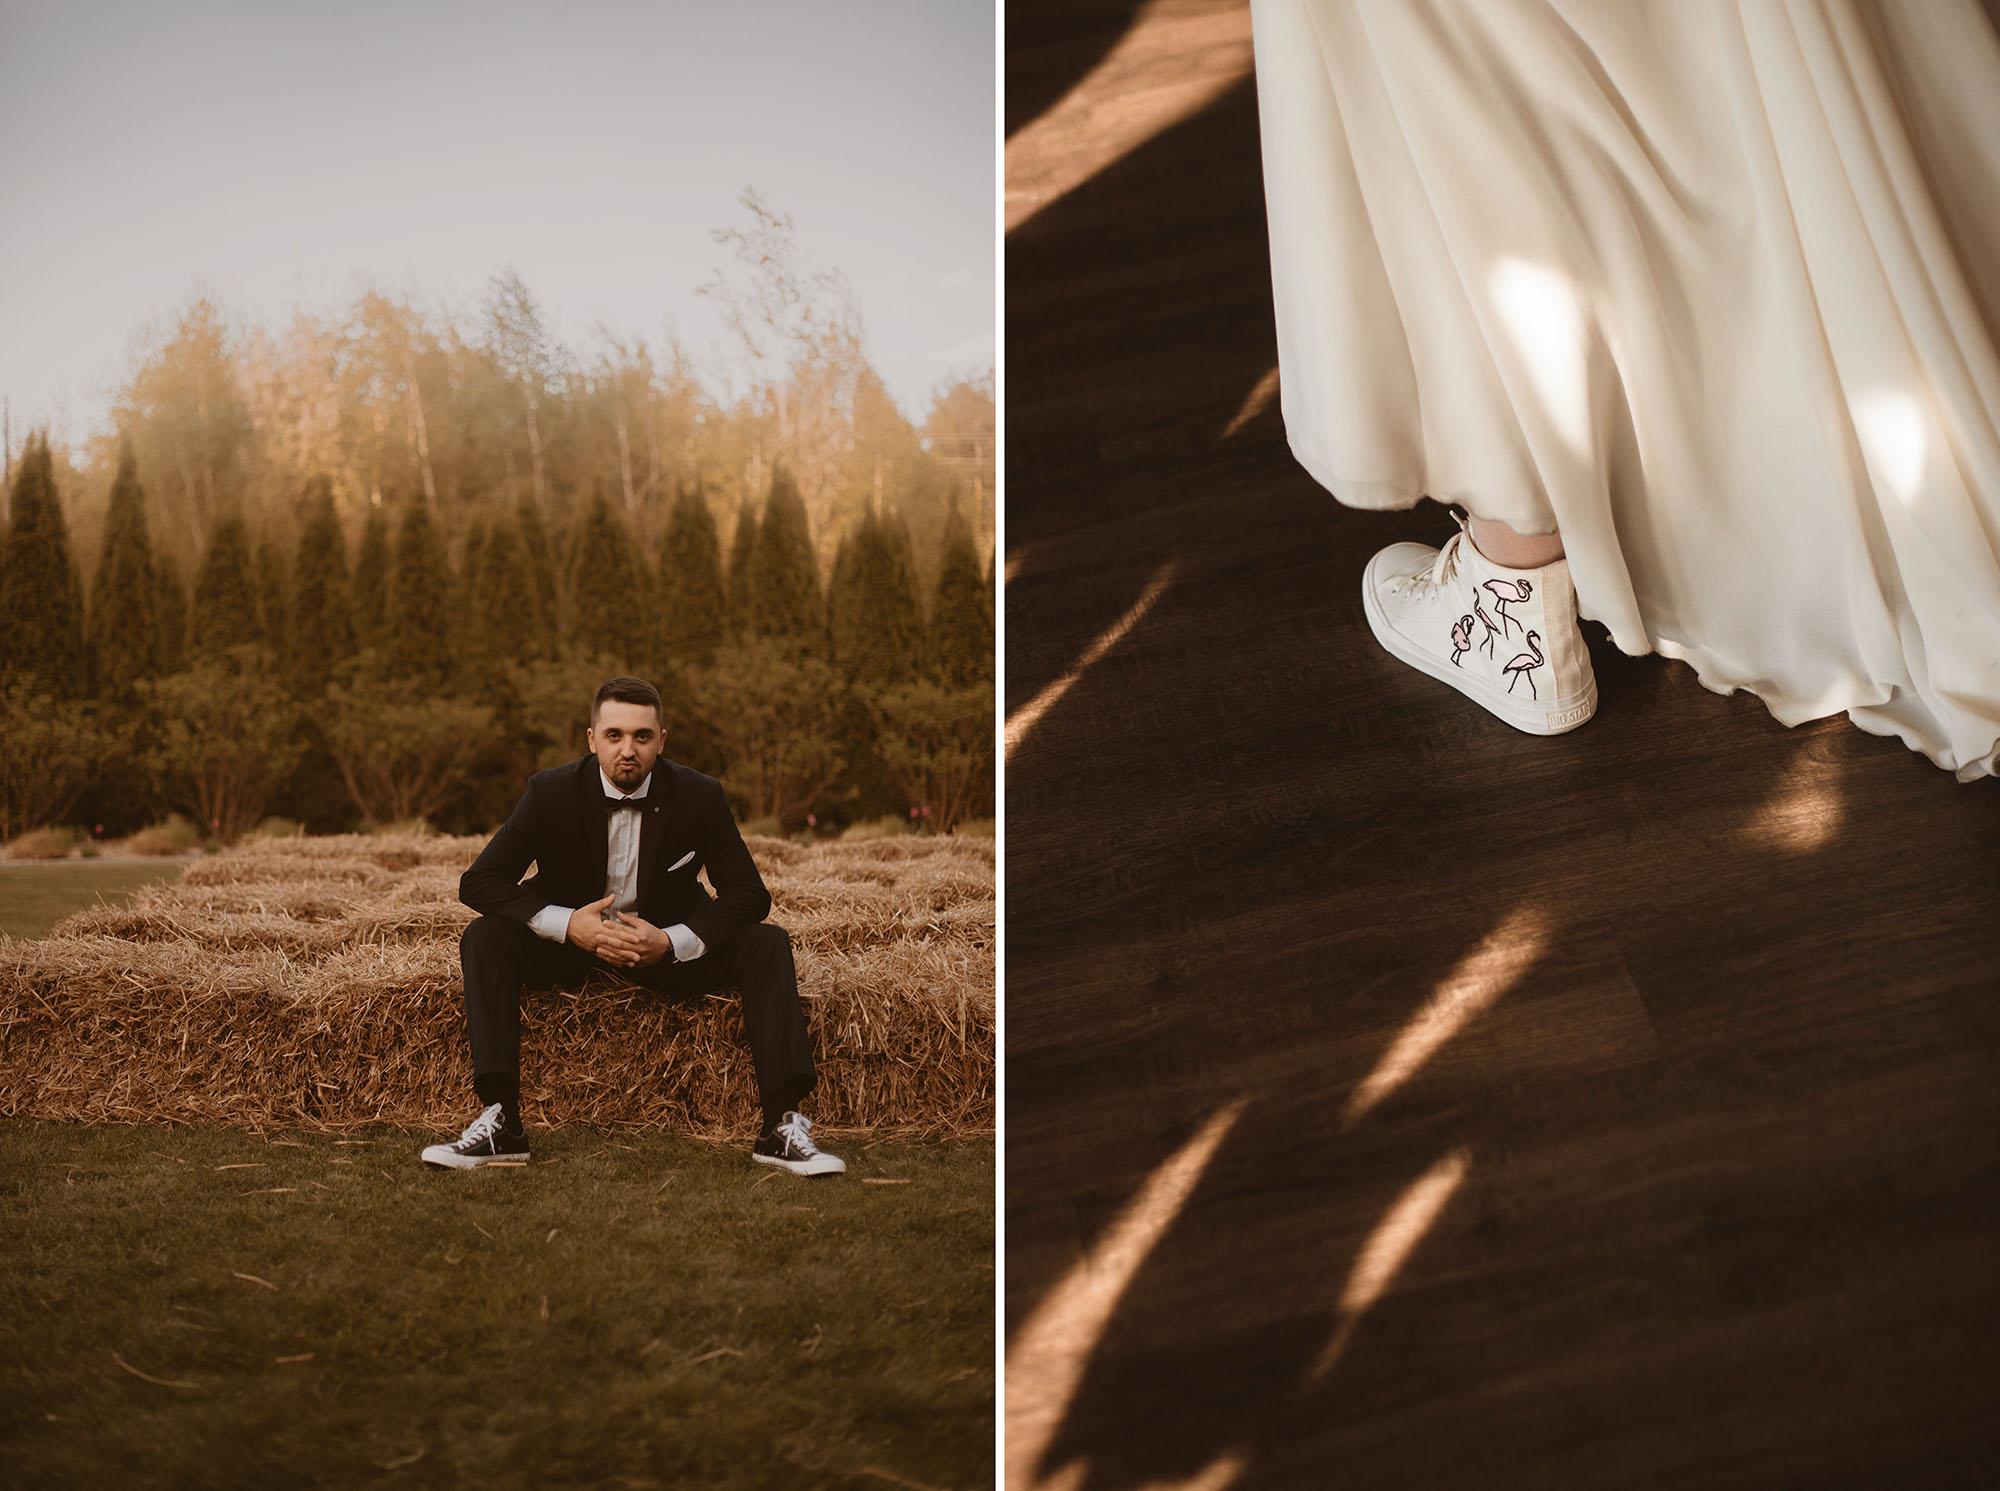 trampkinaweselu - Te rzeczy sprawią, że dzień ślubu będzie piękniejszy